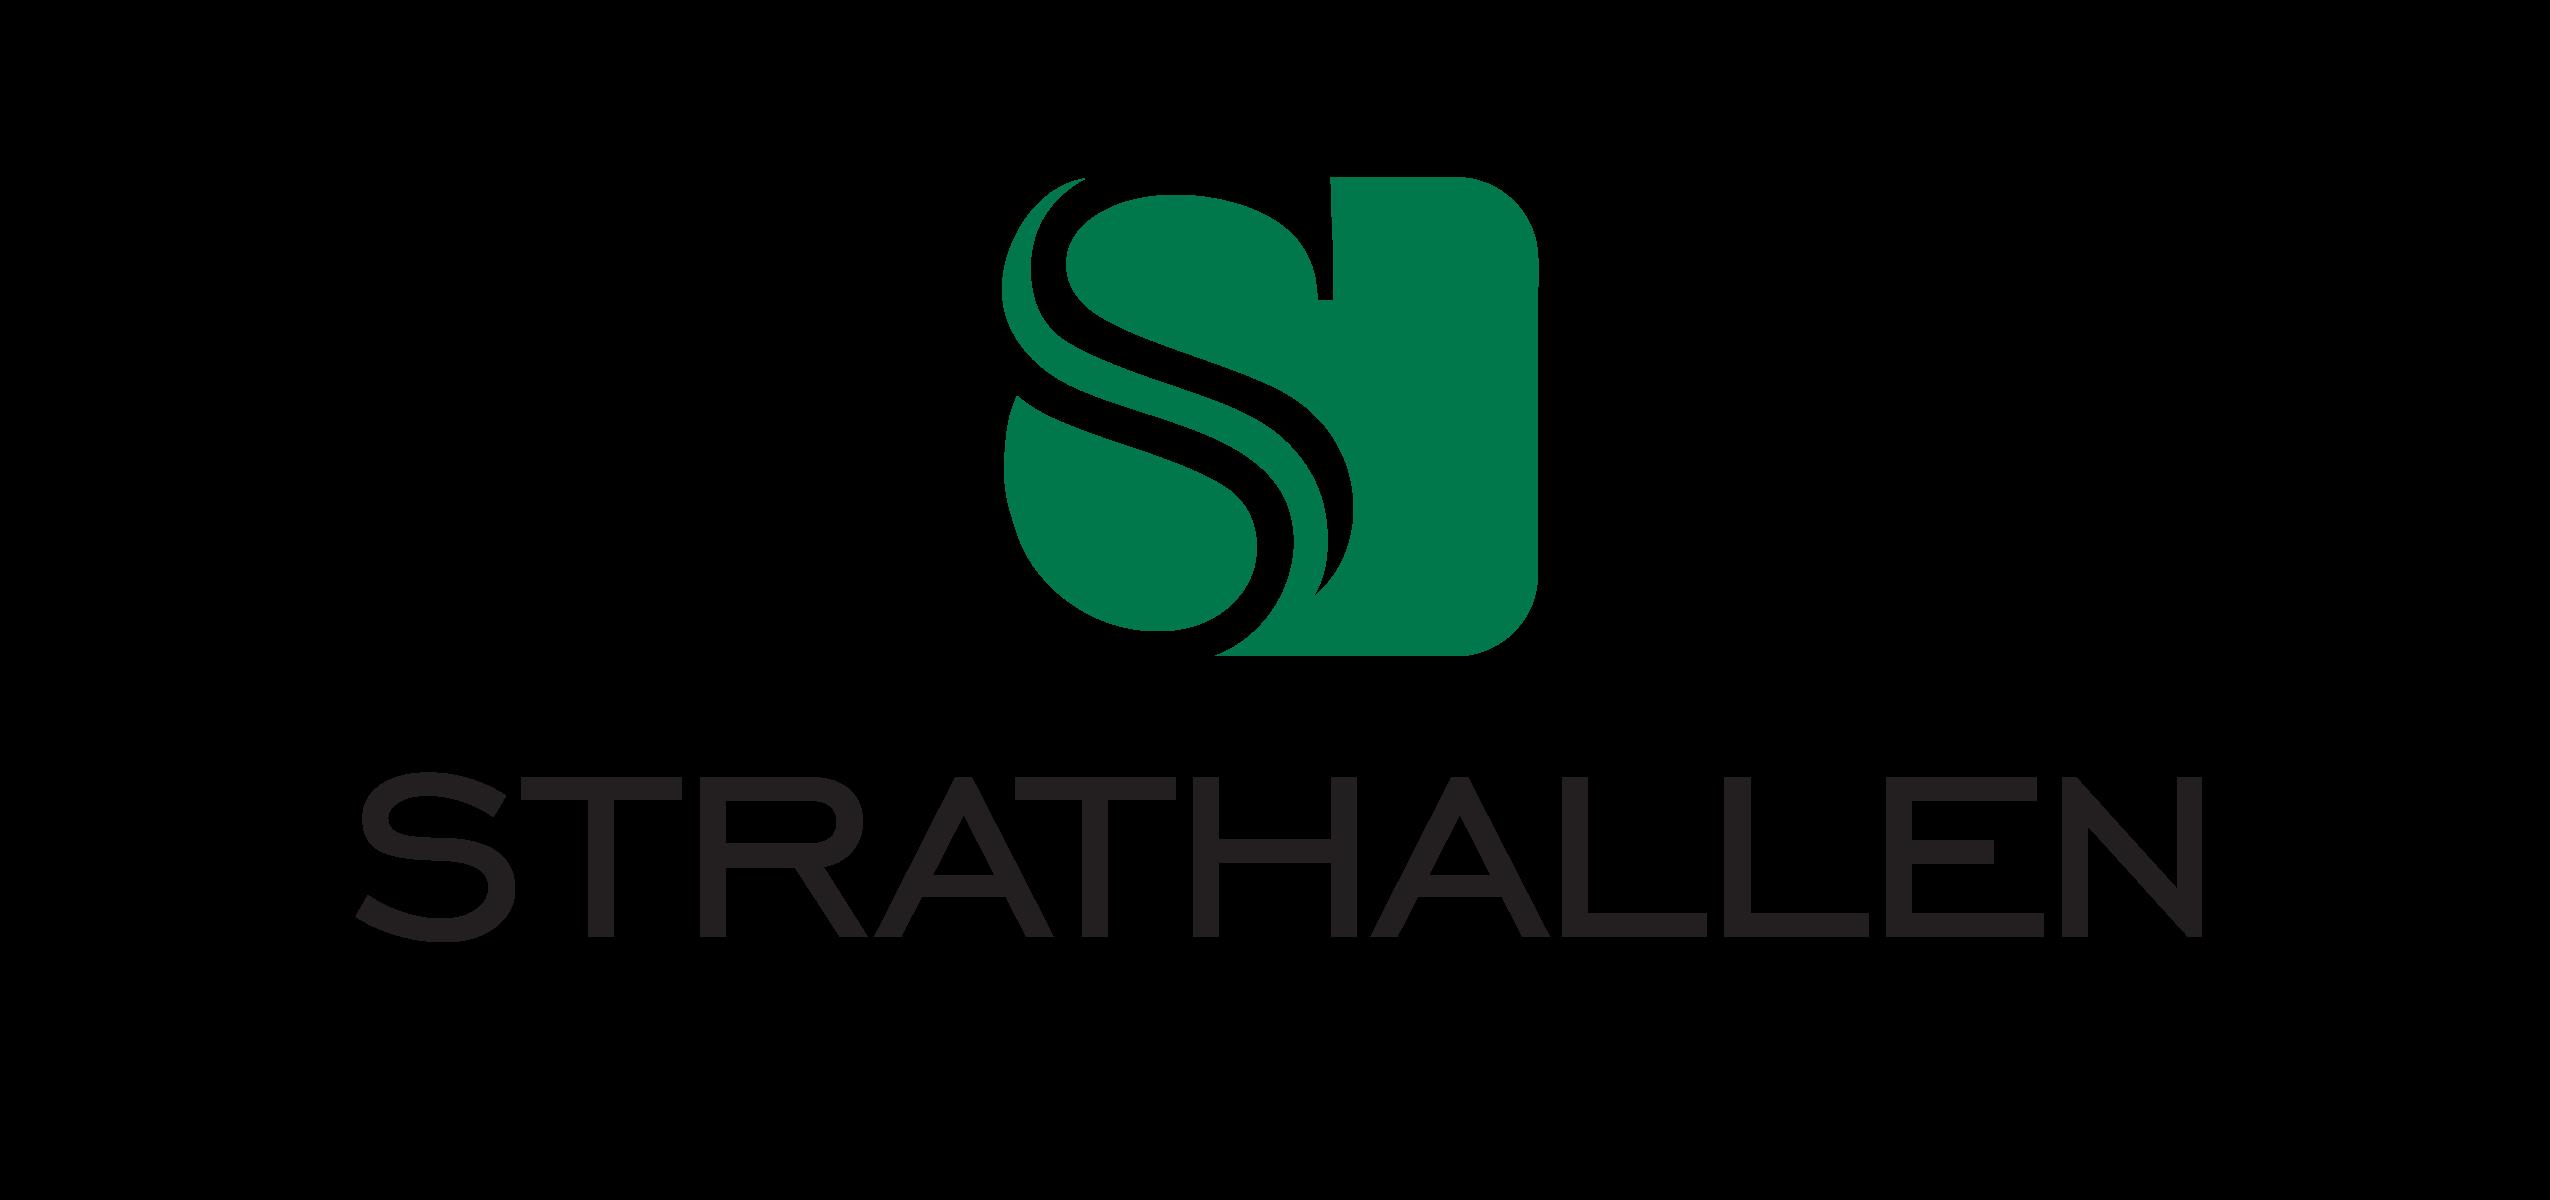 Strathallenlogo